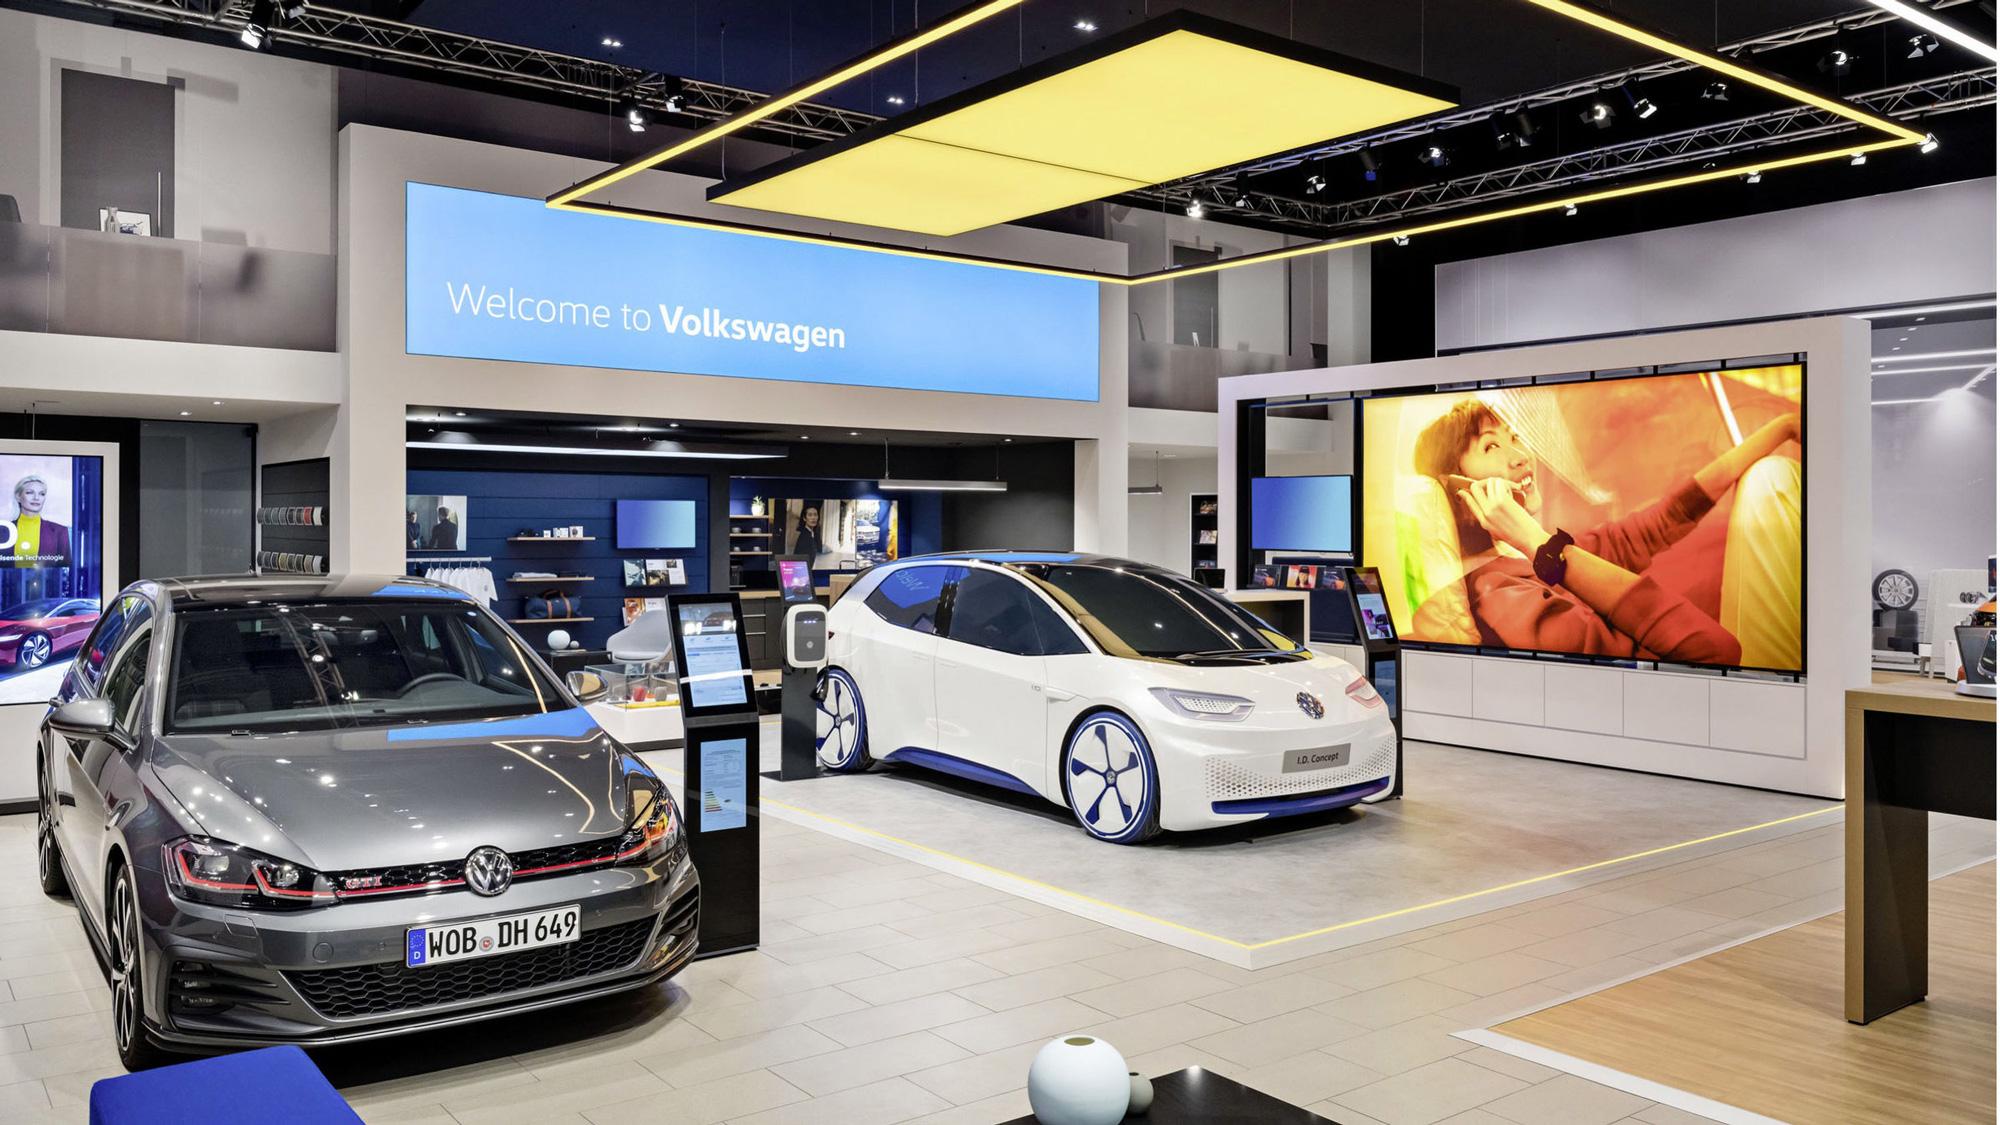 Nuevo logotipo e identidad para Volkswagen hecho internamente